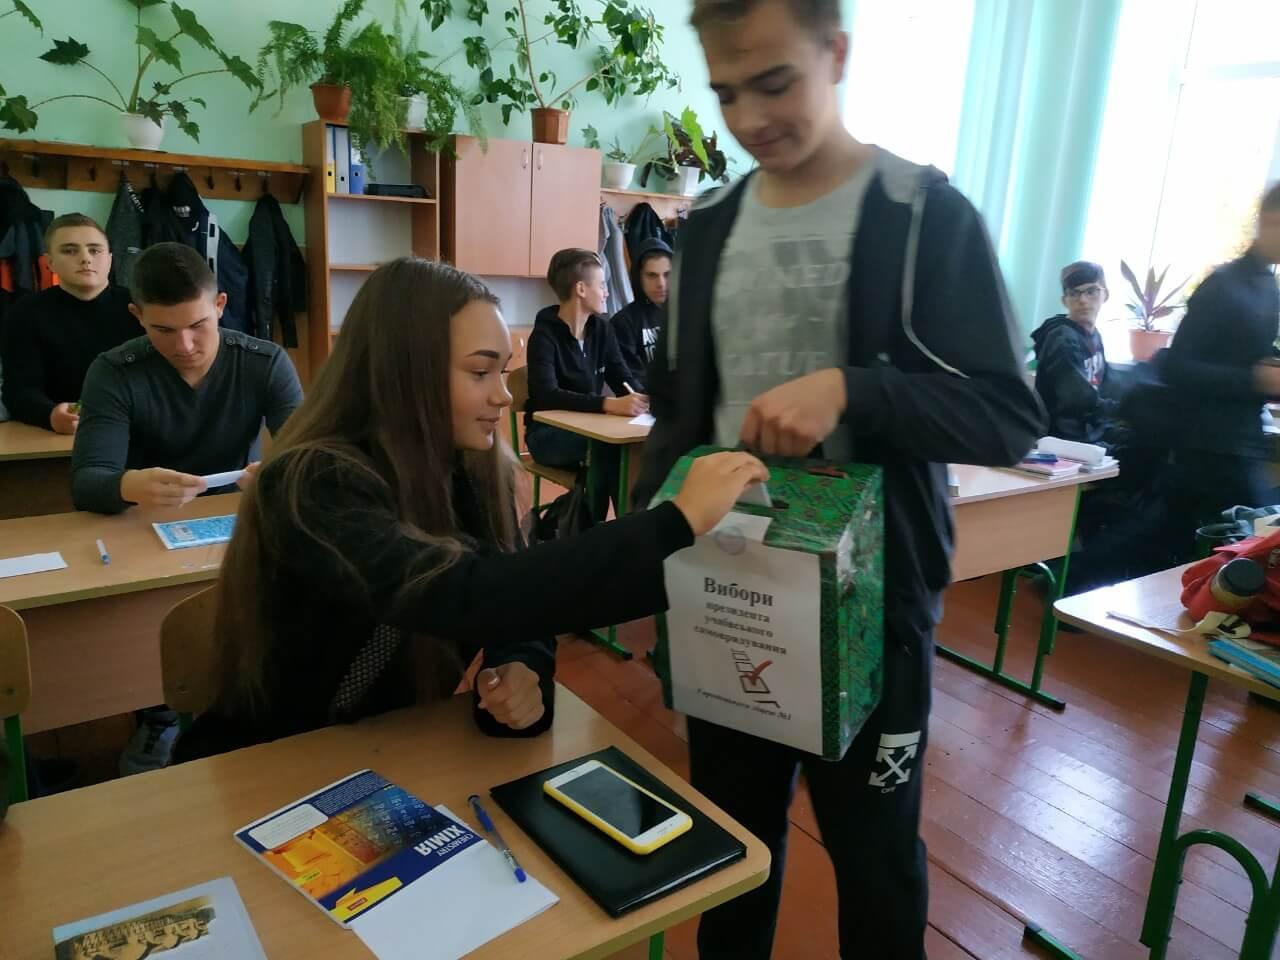 zobrazhennya viber 2019 09 25 16 11 16 - Вибори президента учнівського самоврядування